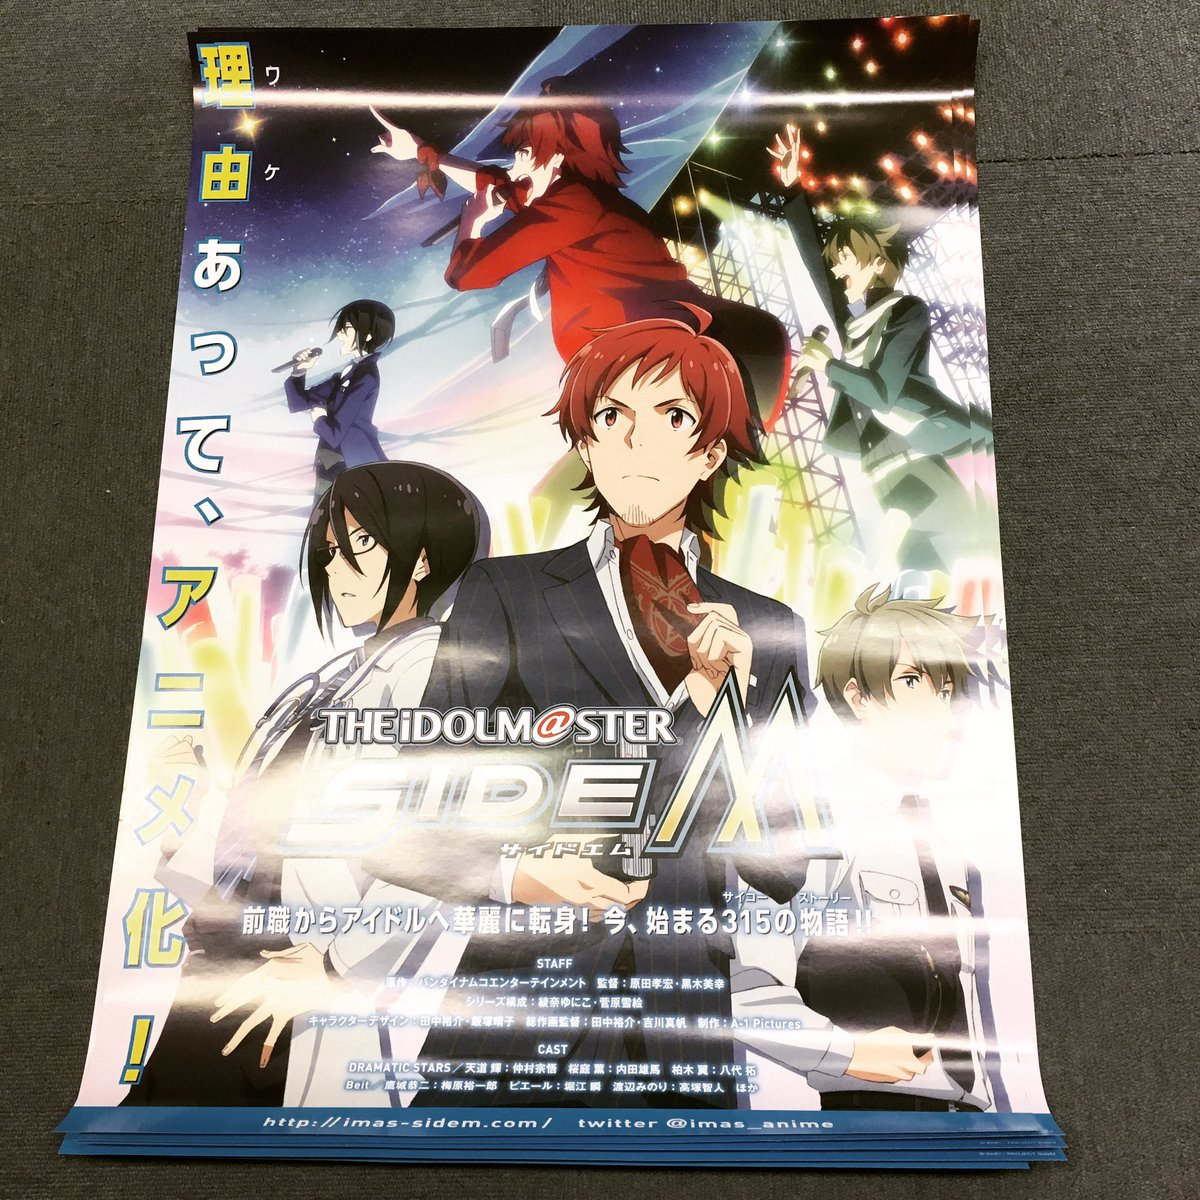 アイドルマスターSideMのP活のポスターが届きました!!文華堂本店の1Fガラス面の掲載は30日(火)の予定です!!!